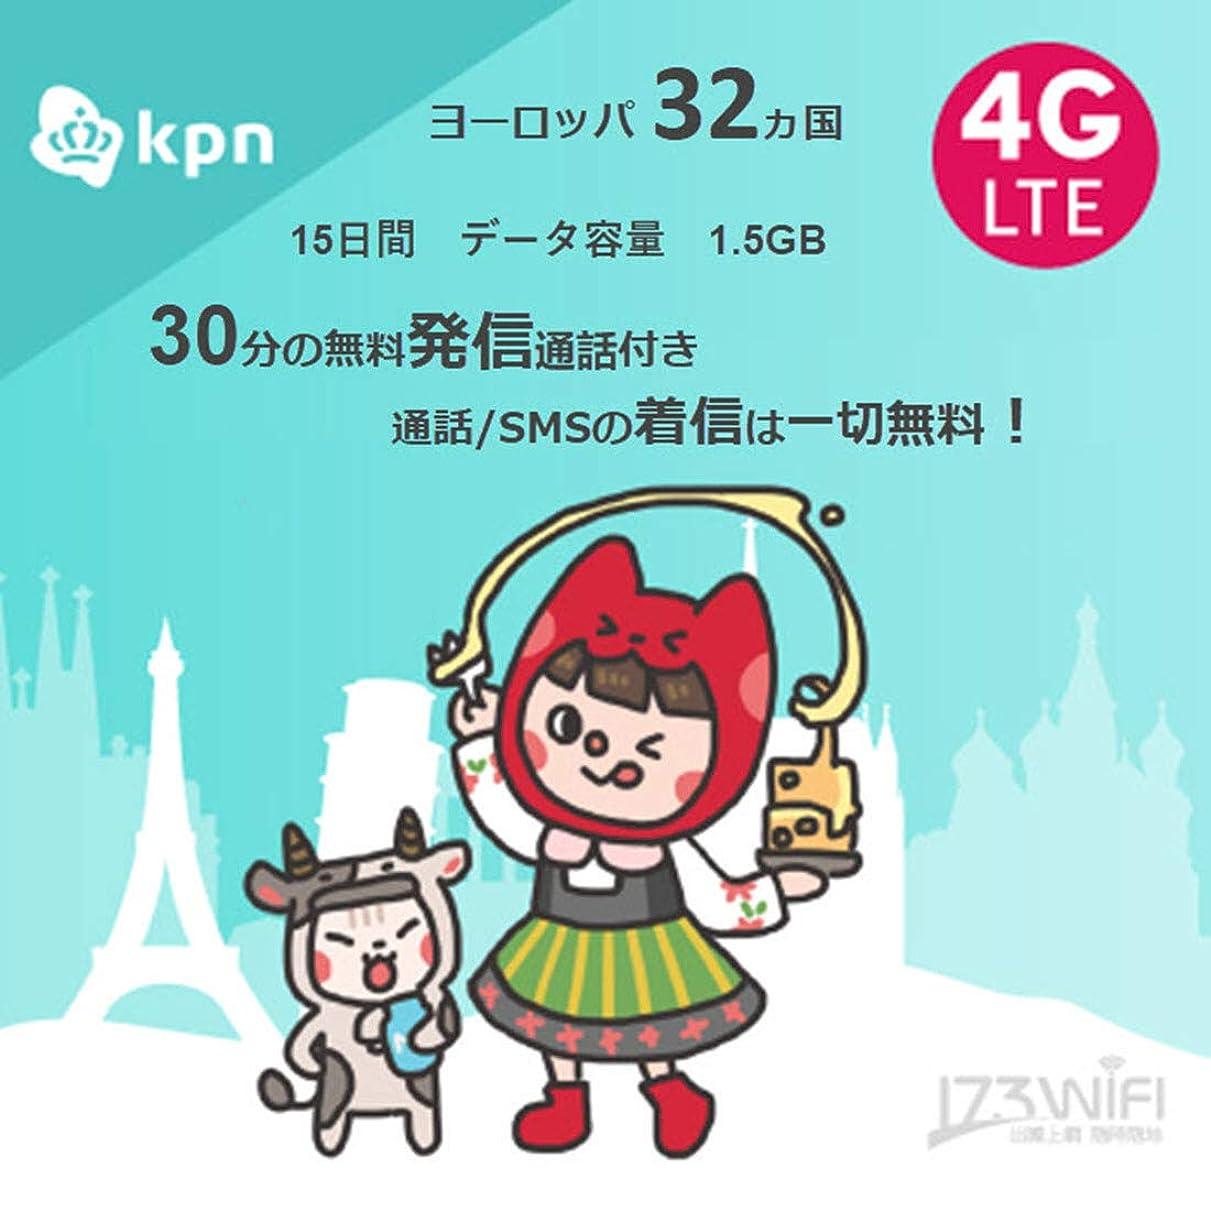 ねじれ実現可能性プリペイドSIMカード ヨーロッパ32ヵ国周遊 15日間 4G(LTE) 1.5GBデータ通信+30分の無料発信通話+通話/SMSの着信 無料